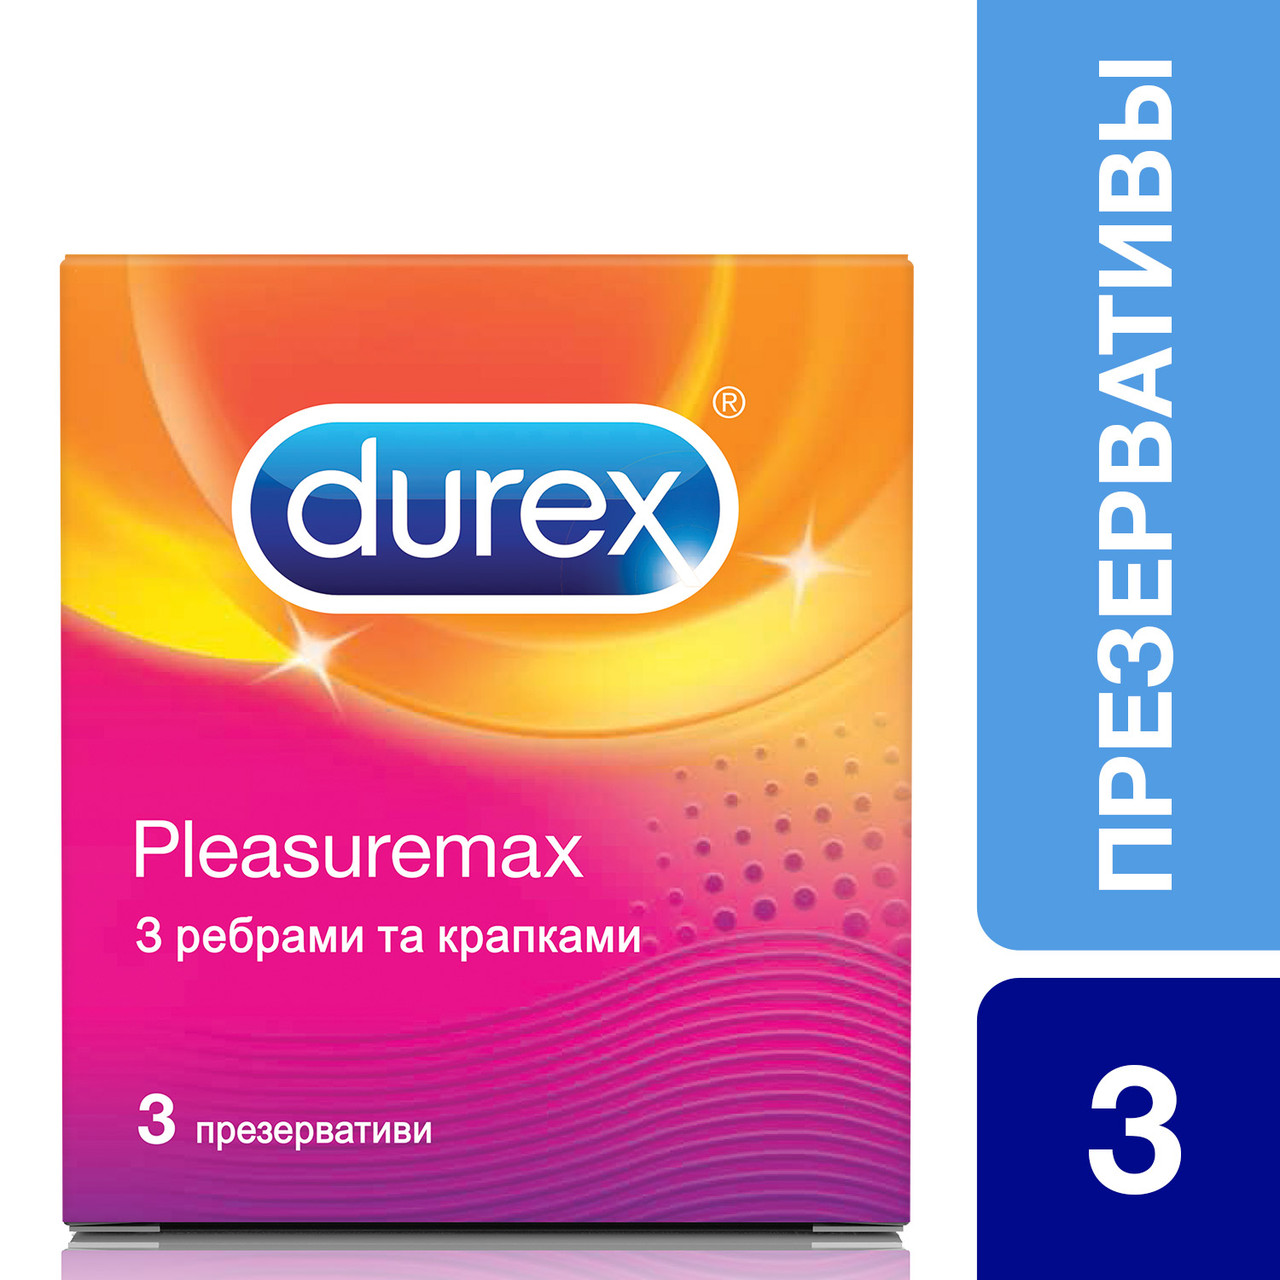 Презервативы Durex® Pleasuremax (с ребрами и точками) №3